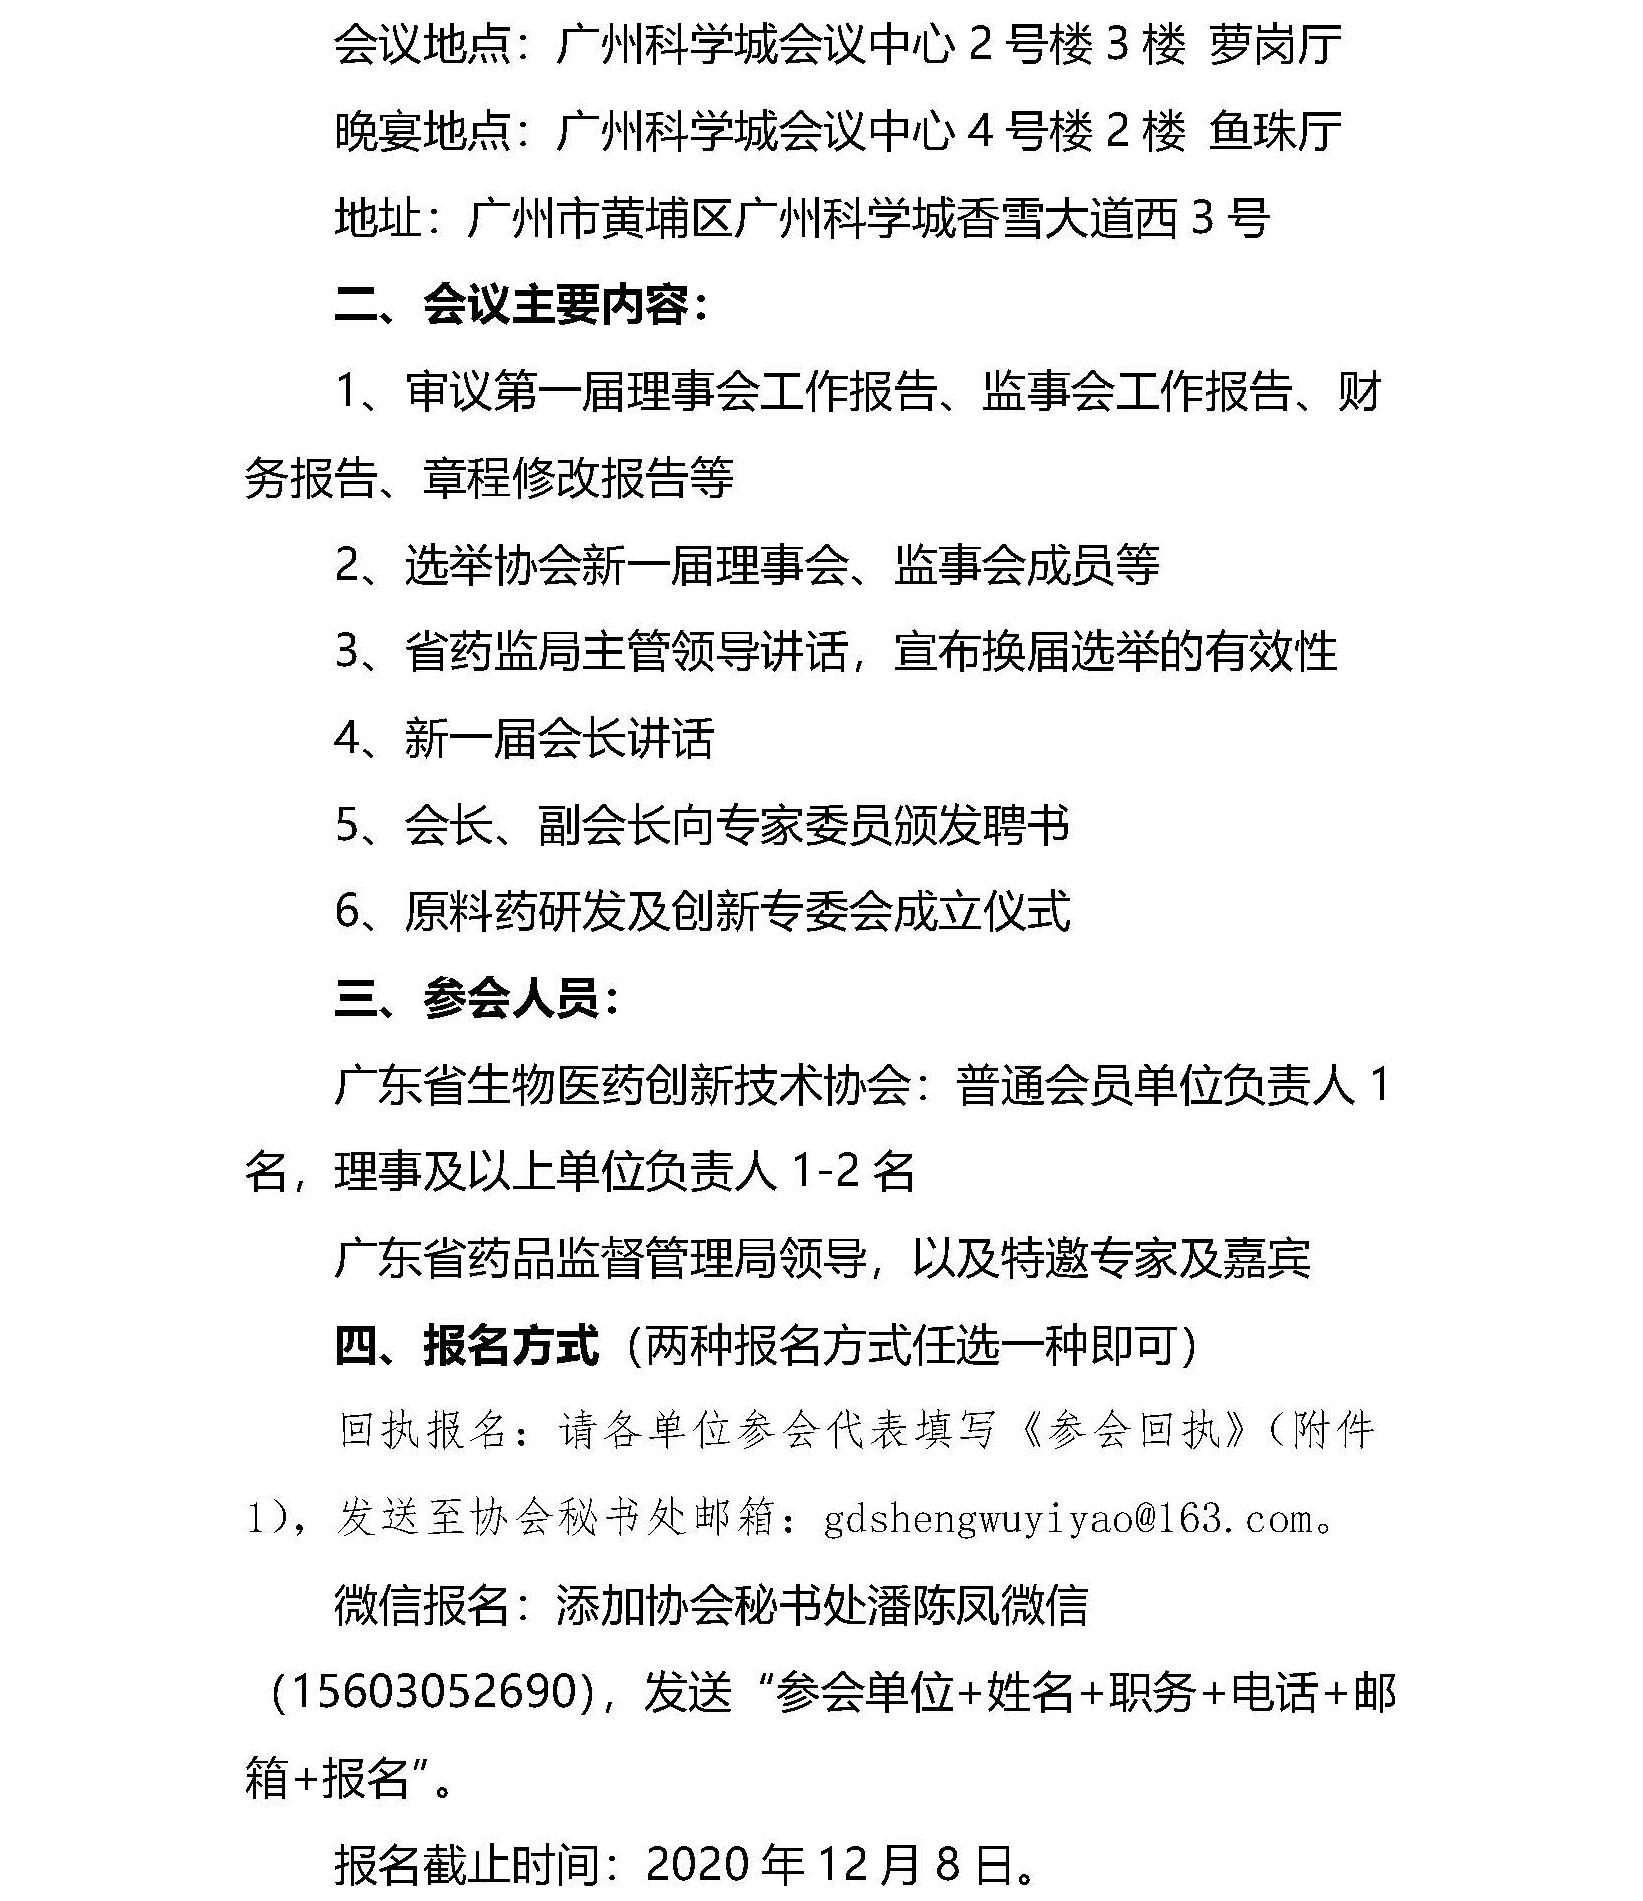 关于召开广东省生物医药创新技术协会成立五周年会员大会的通知_页面_2